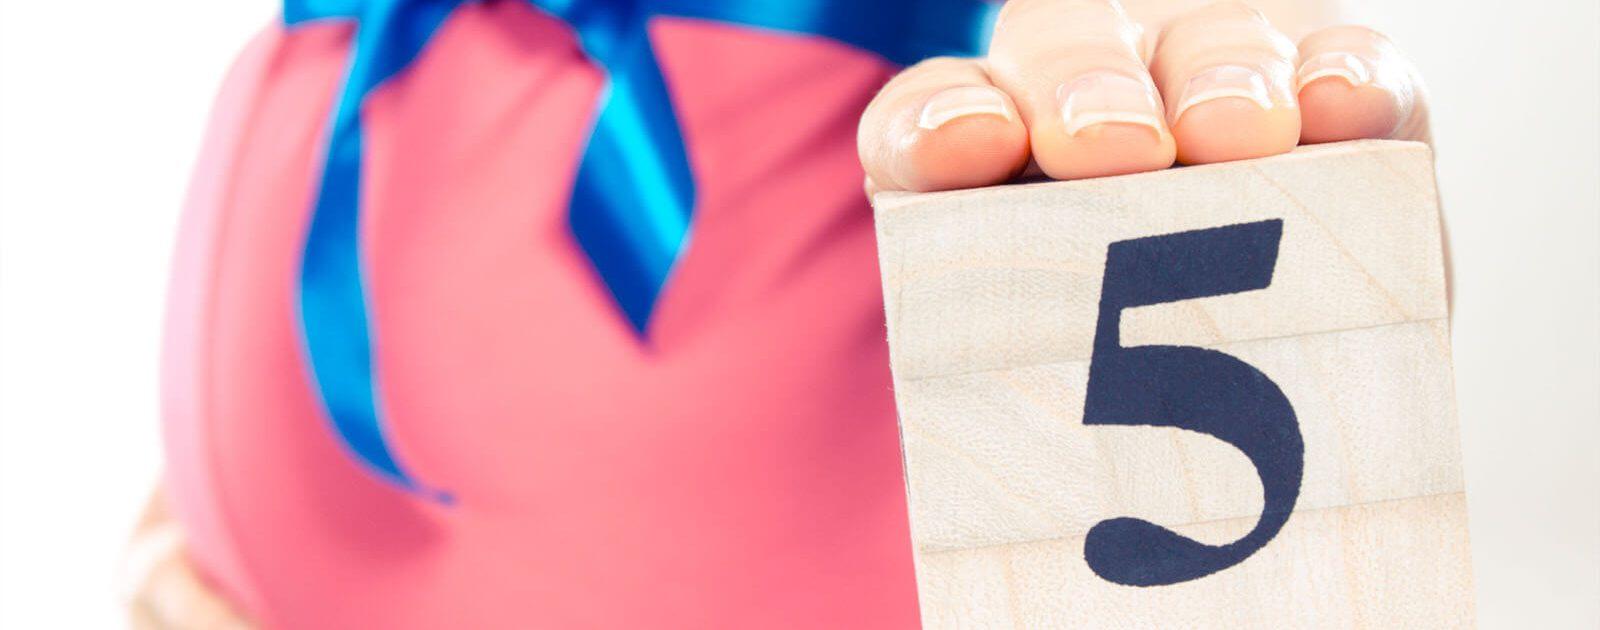 Frau in der 17. Schwangerschaftswoche hält Würfel mit der Zahl 5 in der Hand.